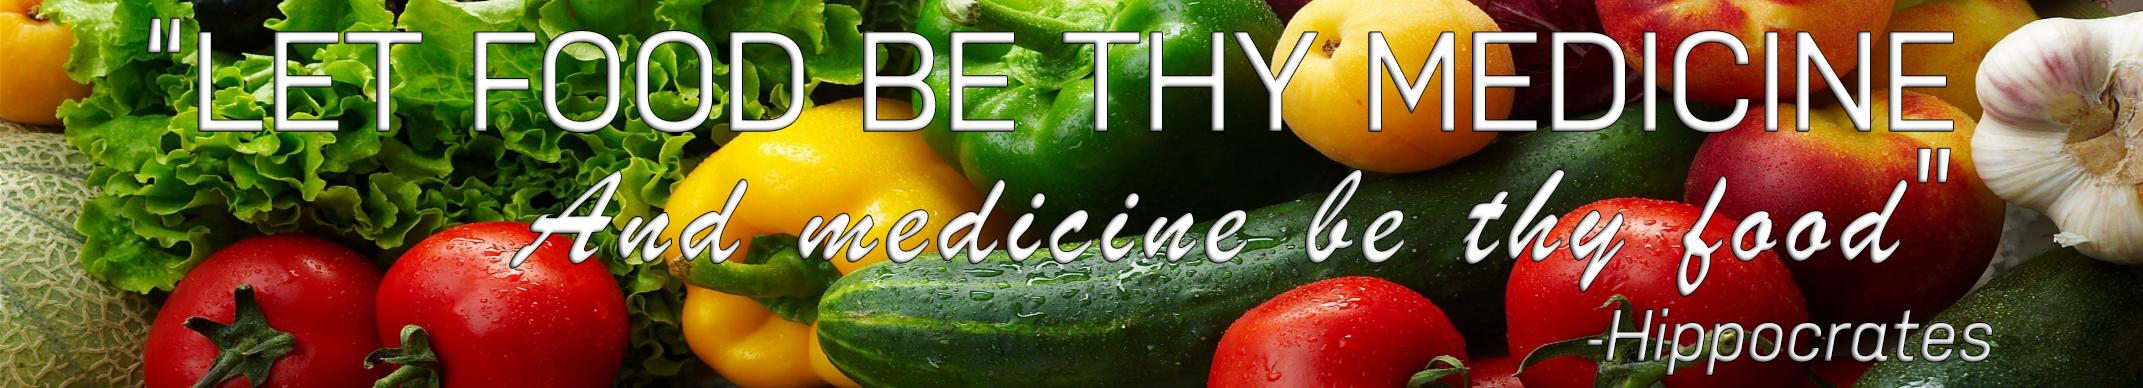 Nutritivne vrednosti namirnica